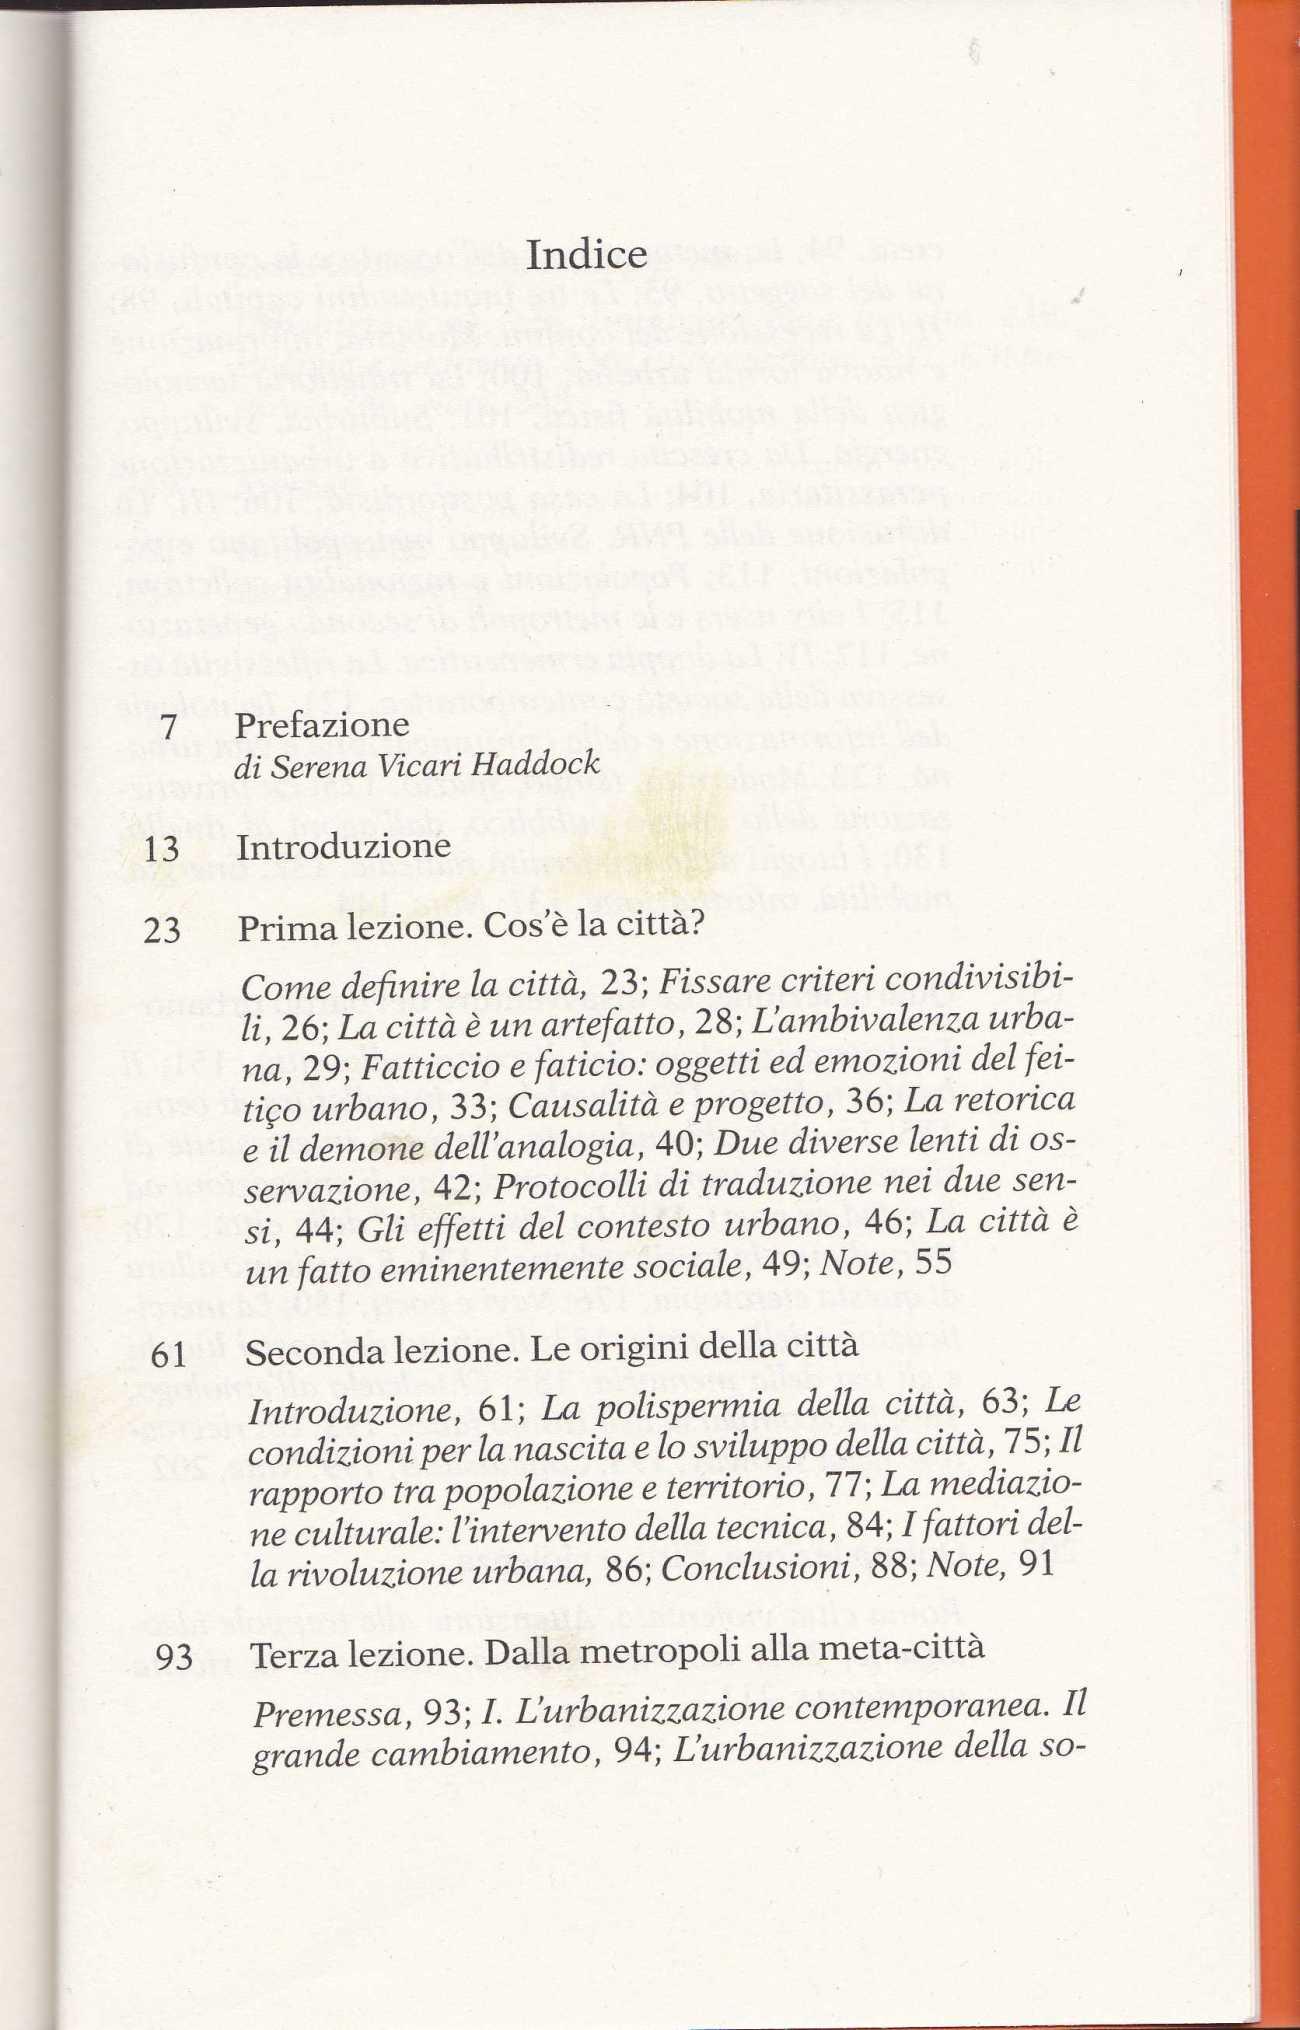 martinotti1434